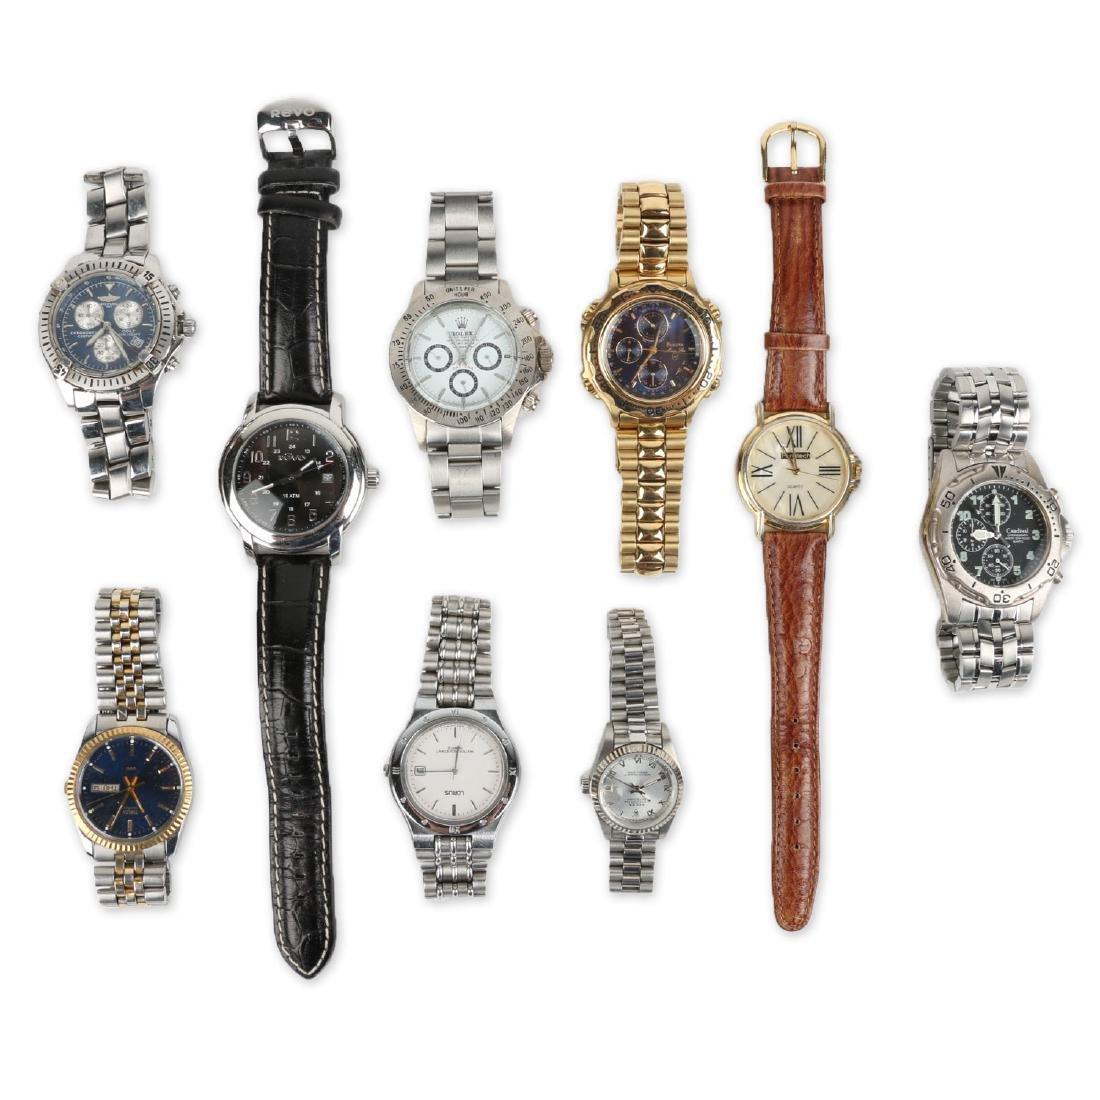 Nine (9) Contemporary Wristwatches Incl. Rolex Replicas